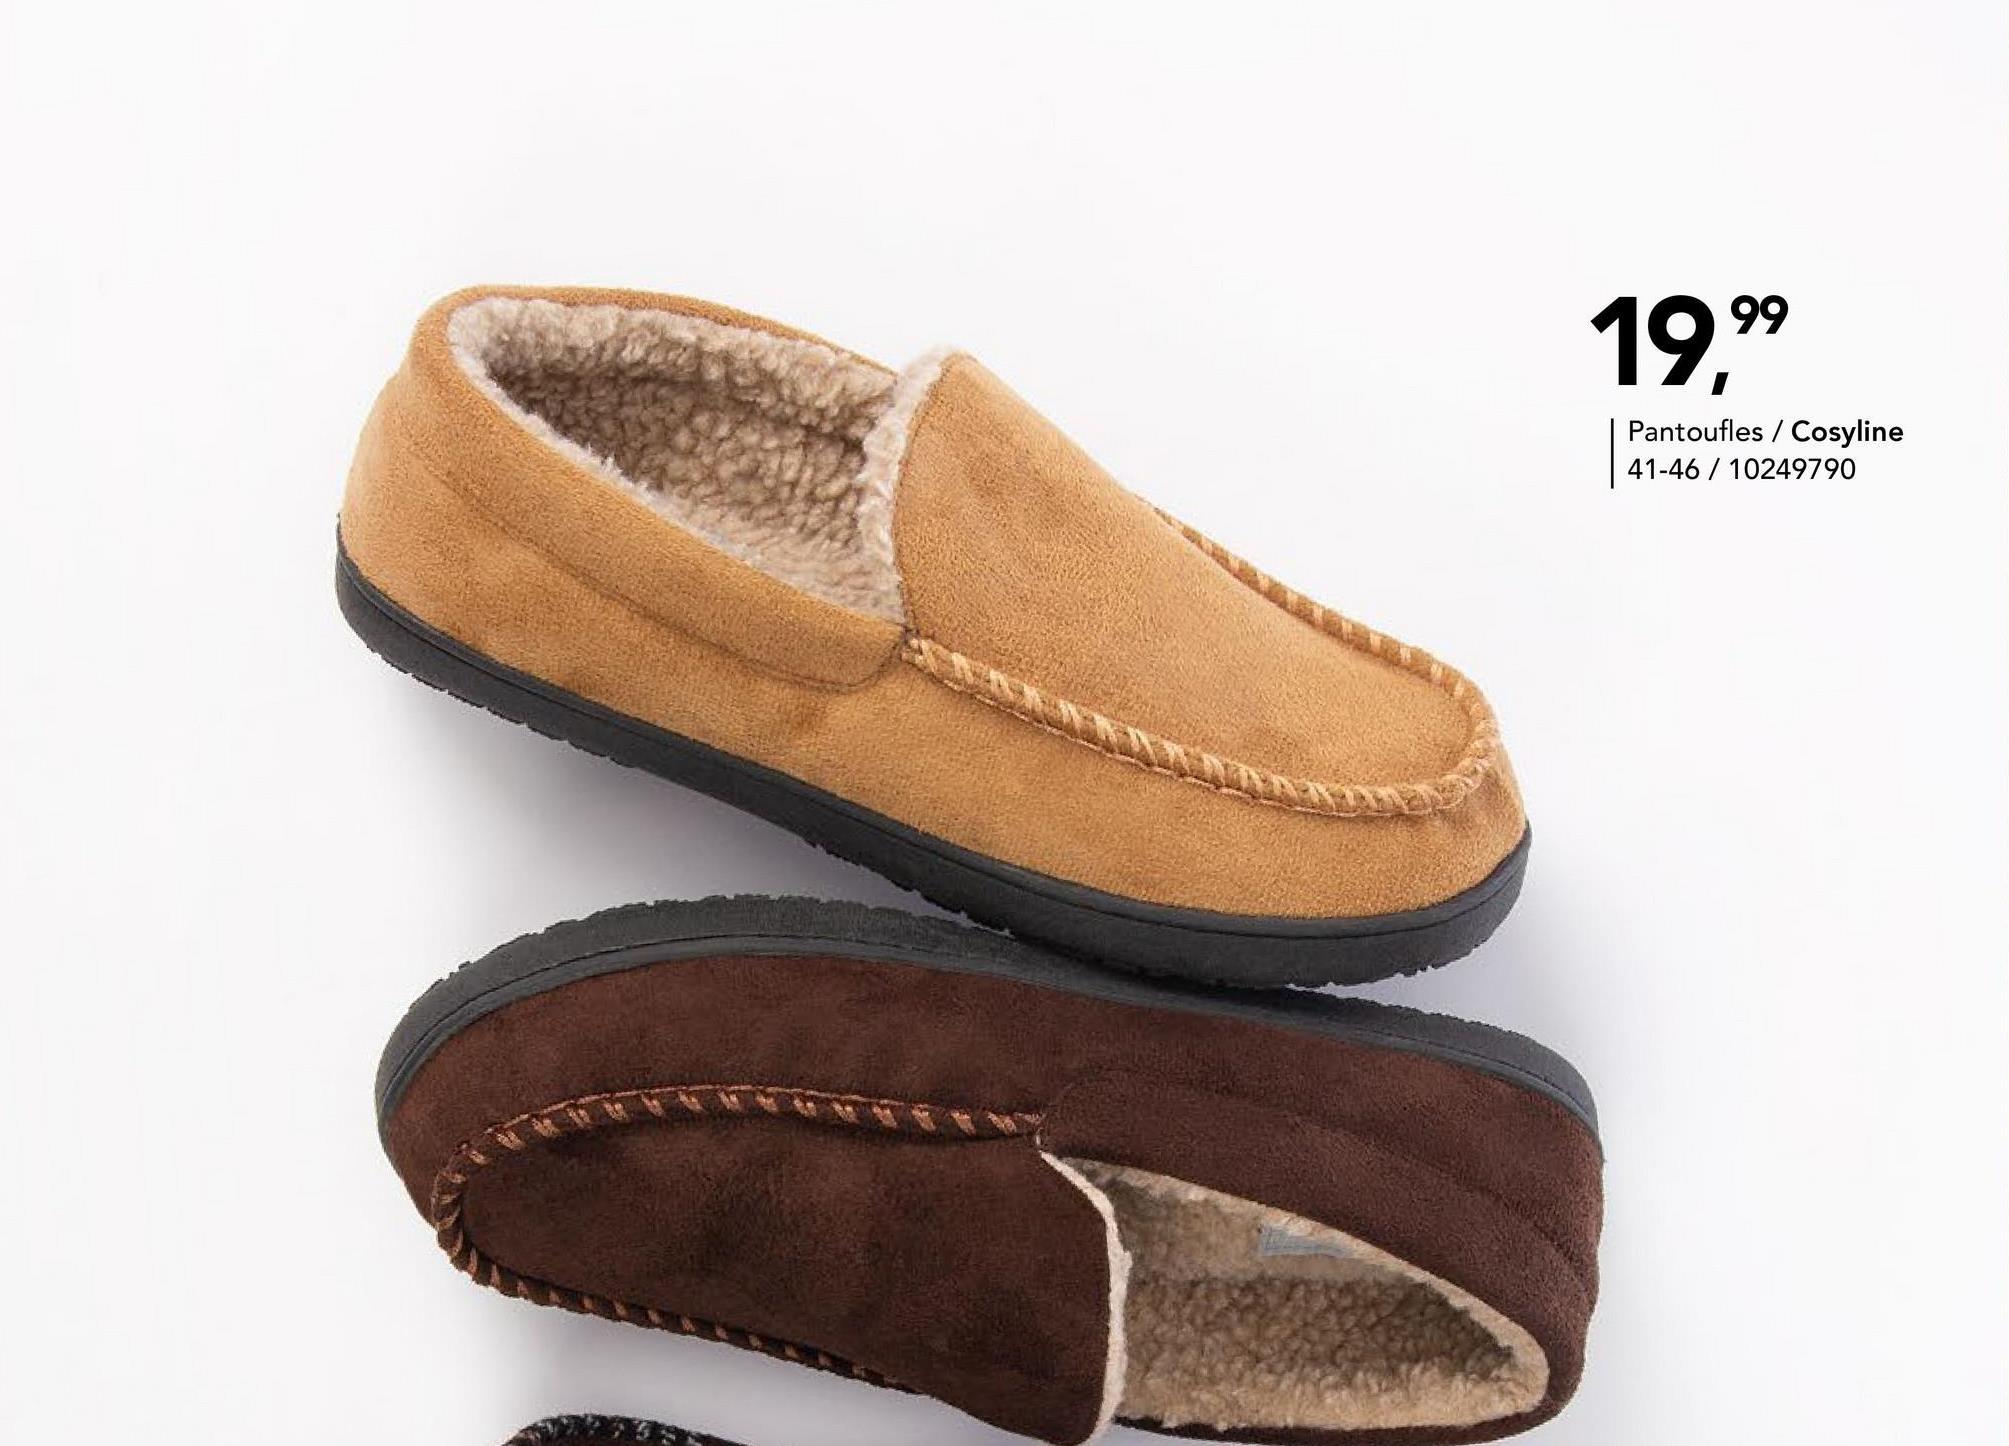 Pantoufle Cosy Line - Brun Pantoufle Cosy Line. Chez Bristol, vous achetez de la mode à bon prix pour toute la famille ! Vêtements, chaussures, accessoires et articles de sport.